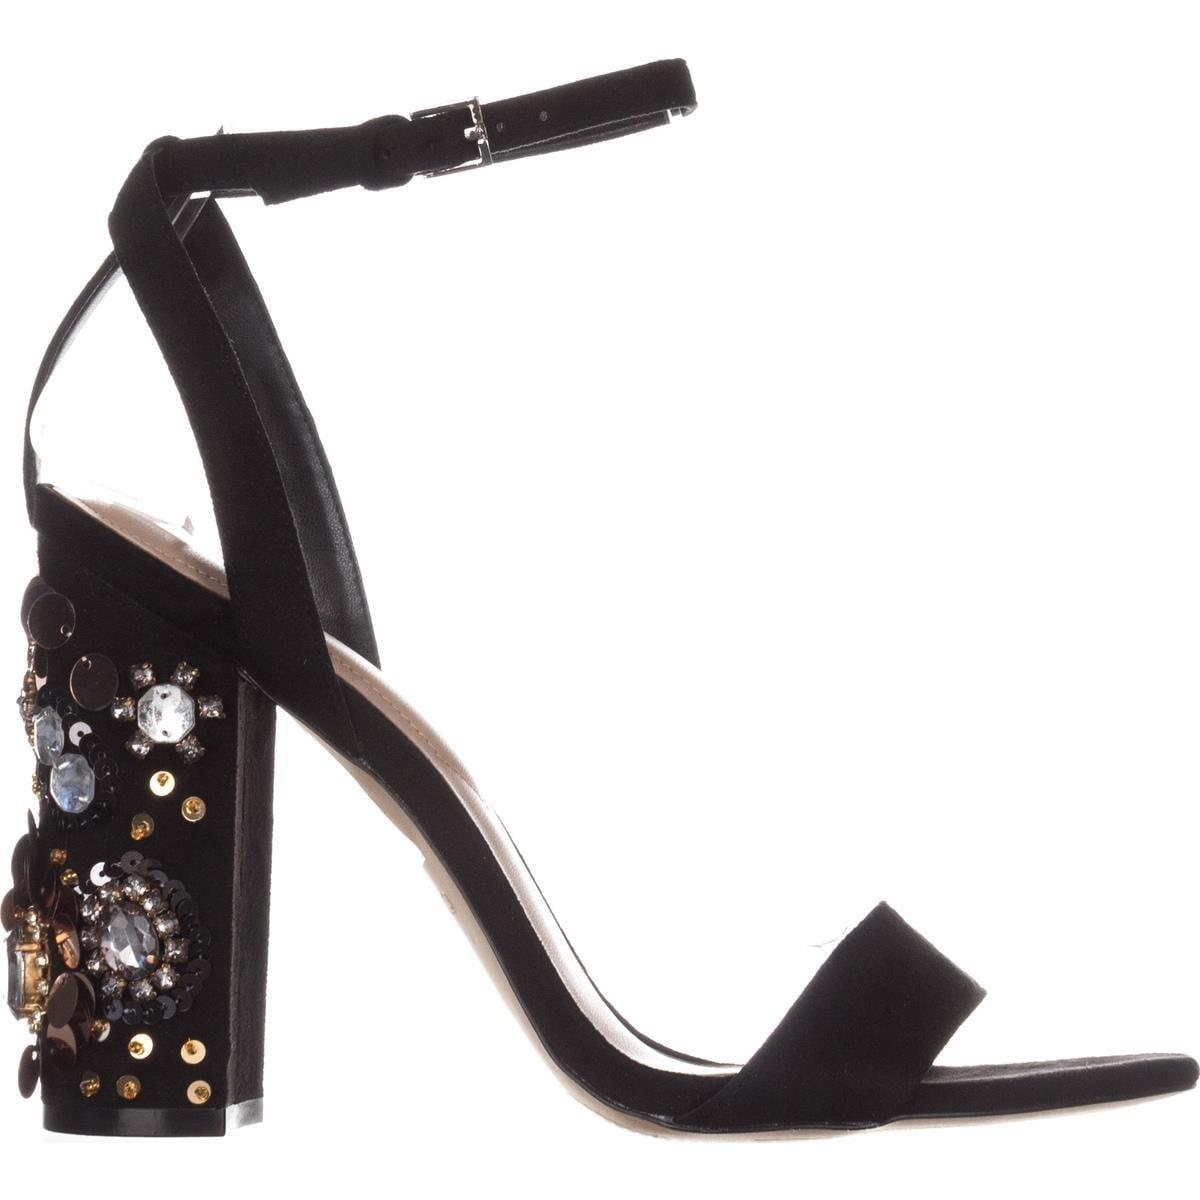 fba6ddf23e2 Shop Aldo Luciaa Ankle Strap Sandals